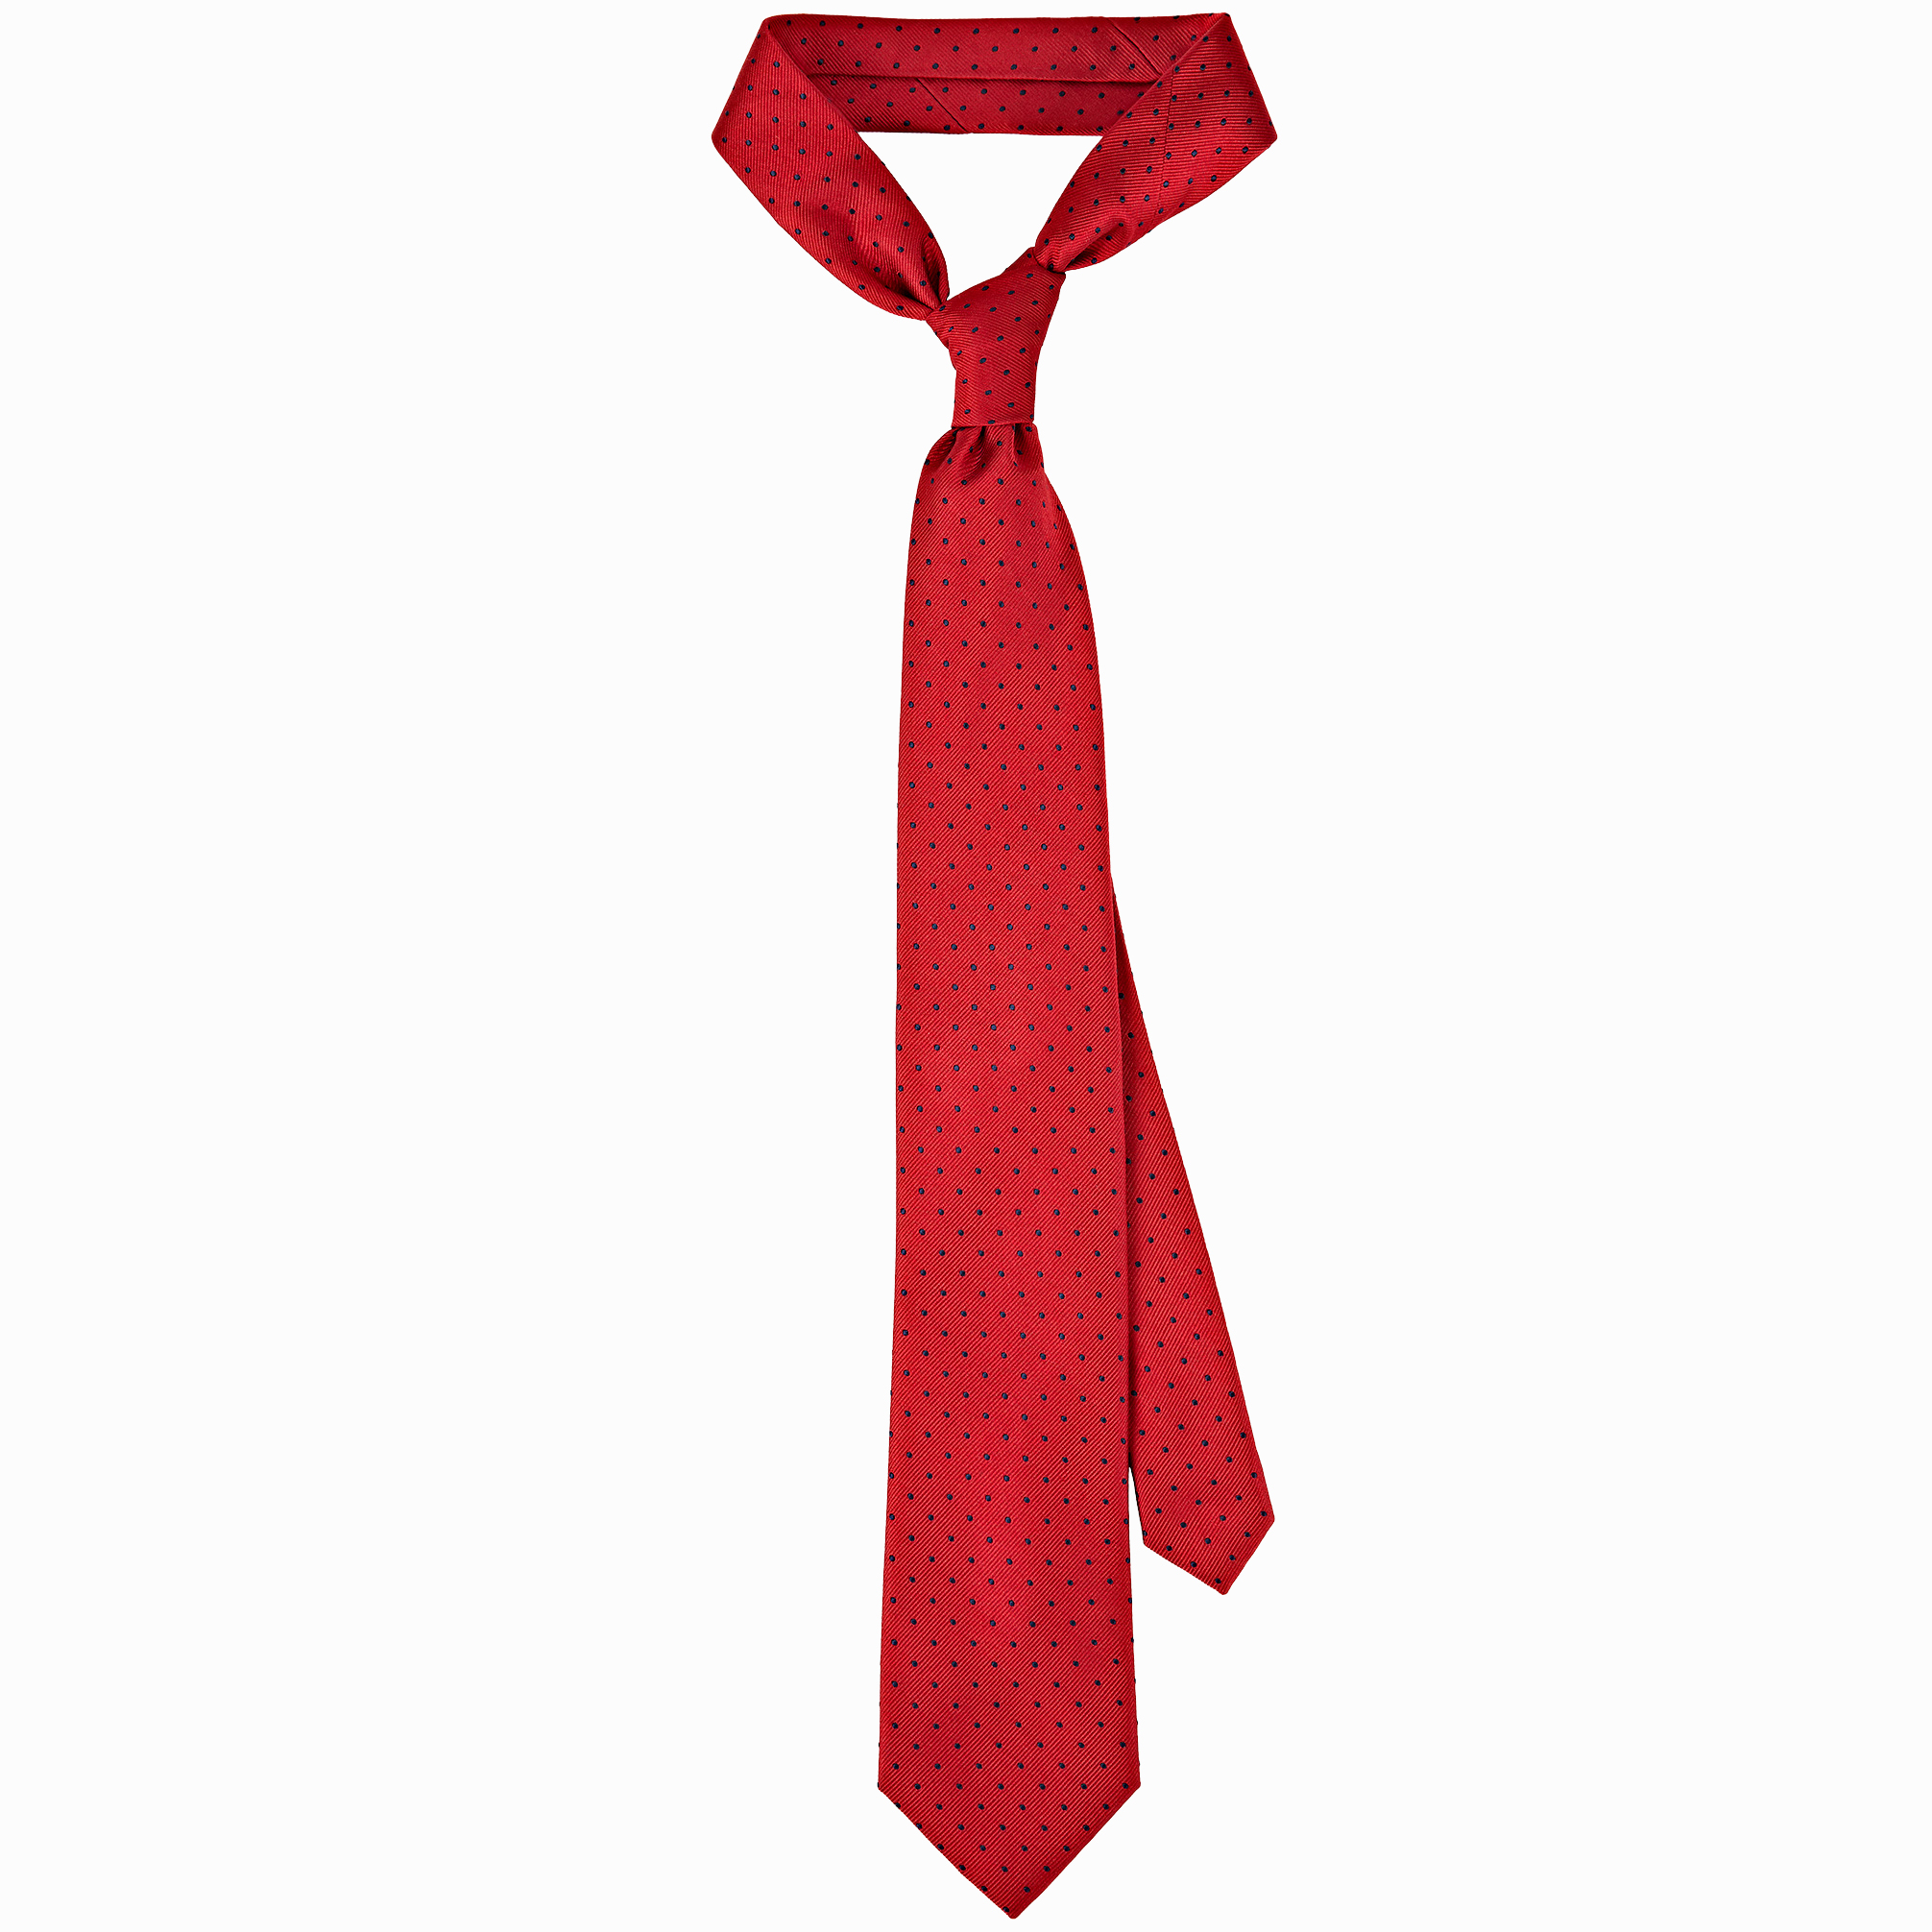 12_Tie_Dot_Red Navy.jpg